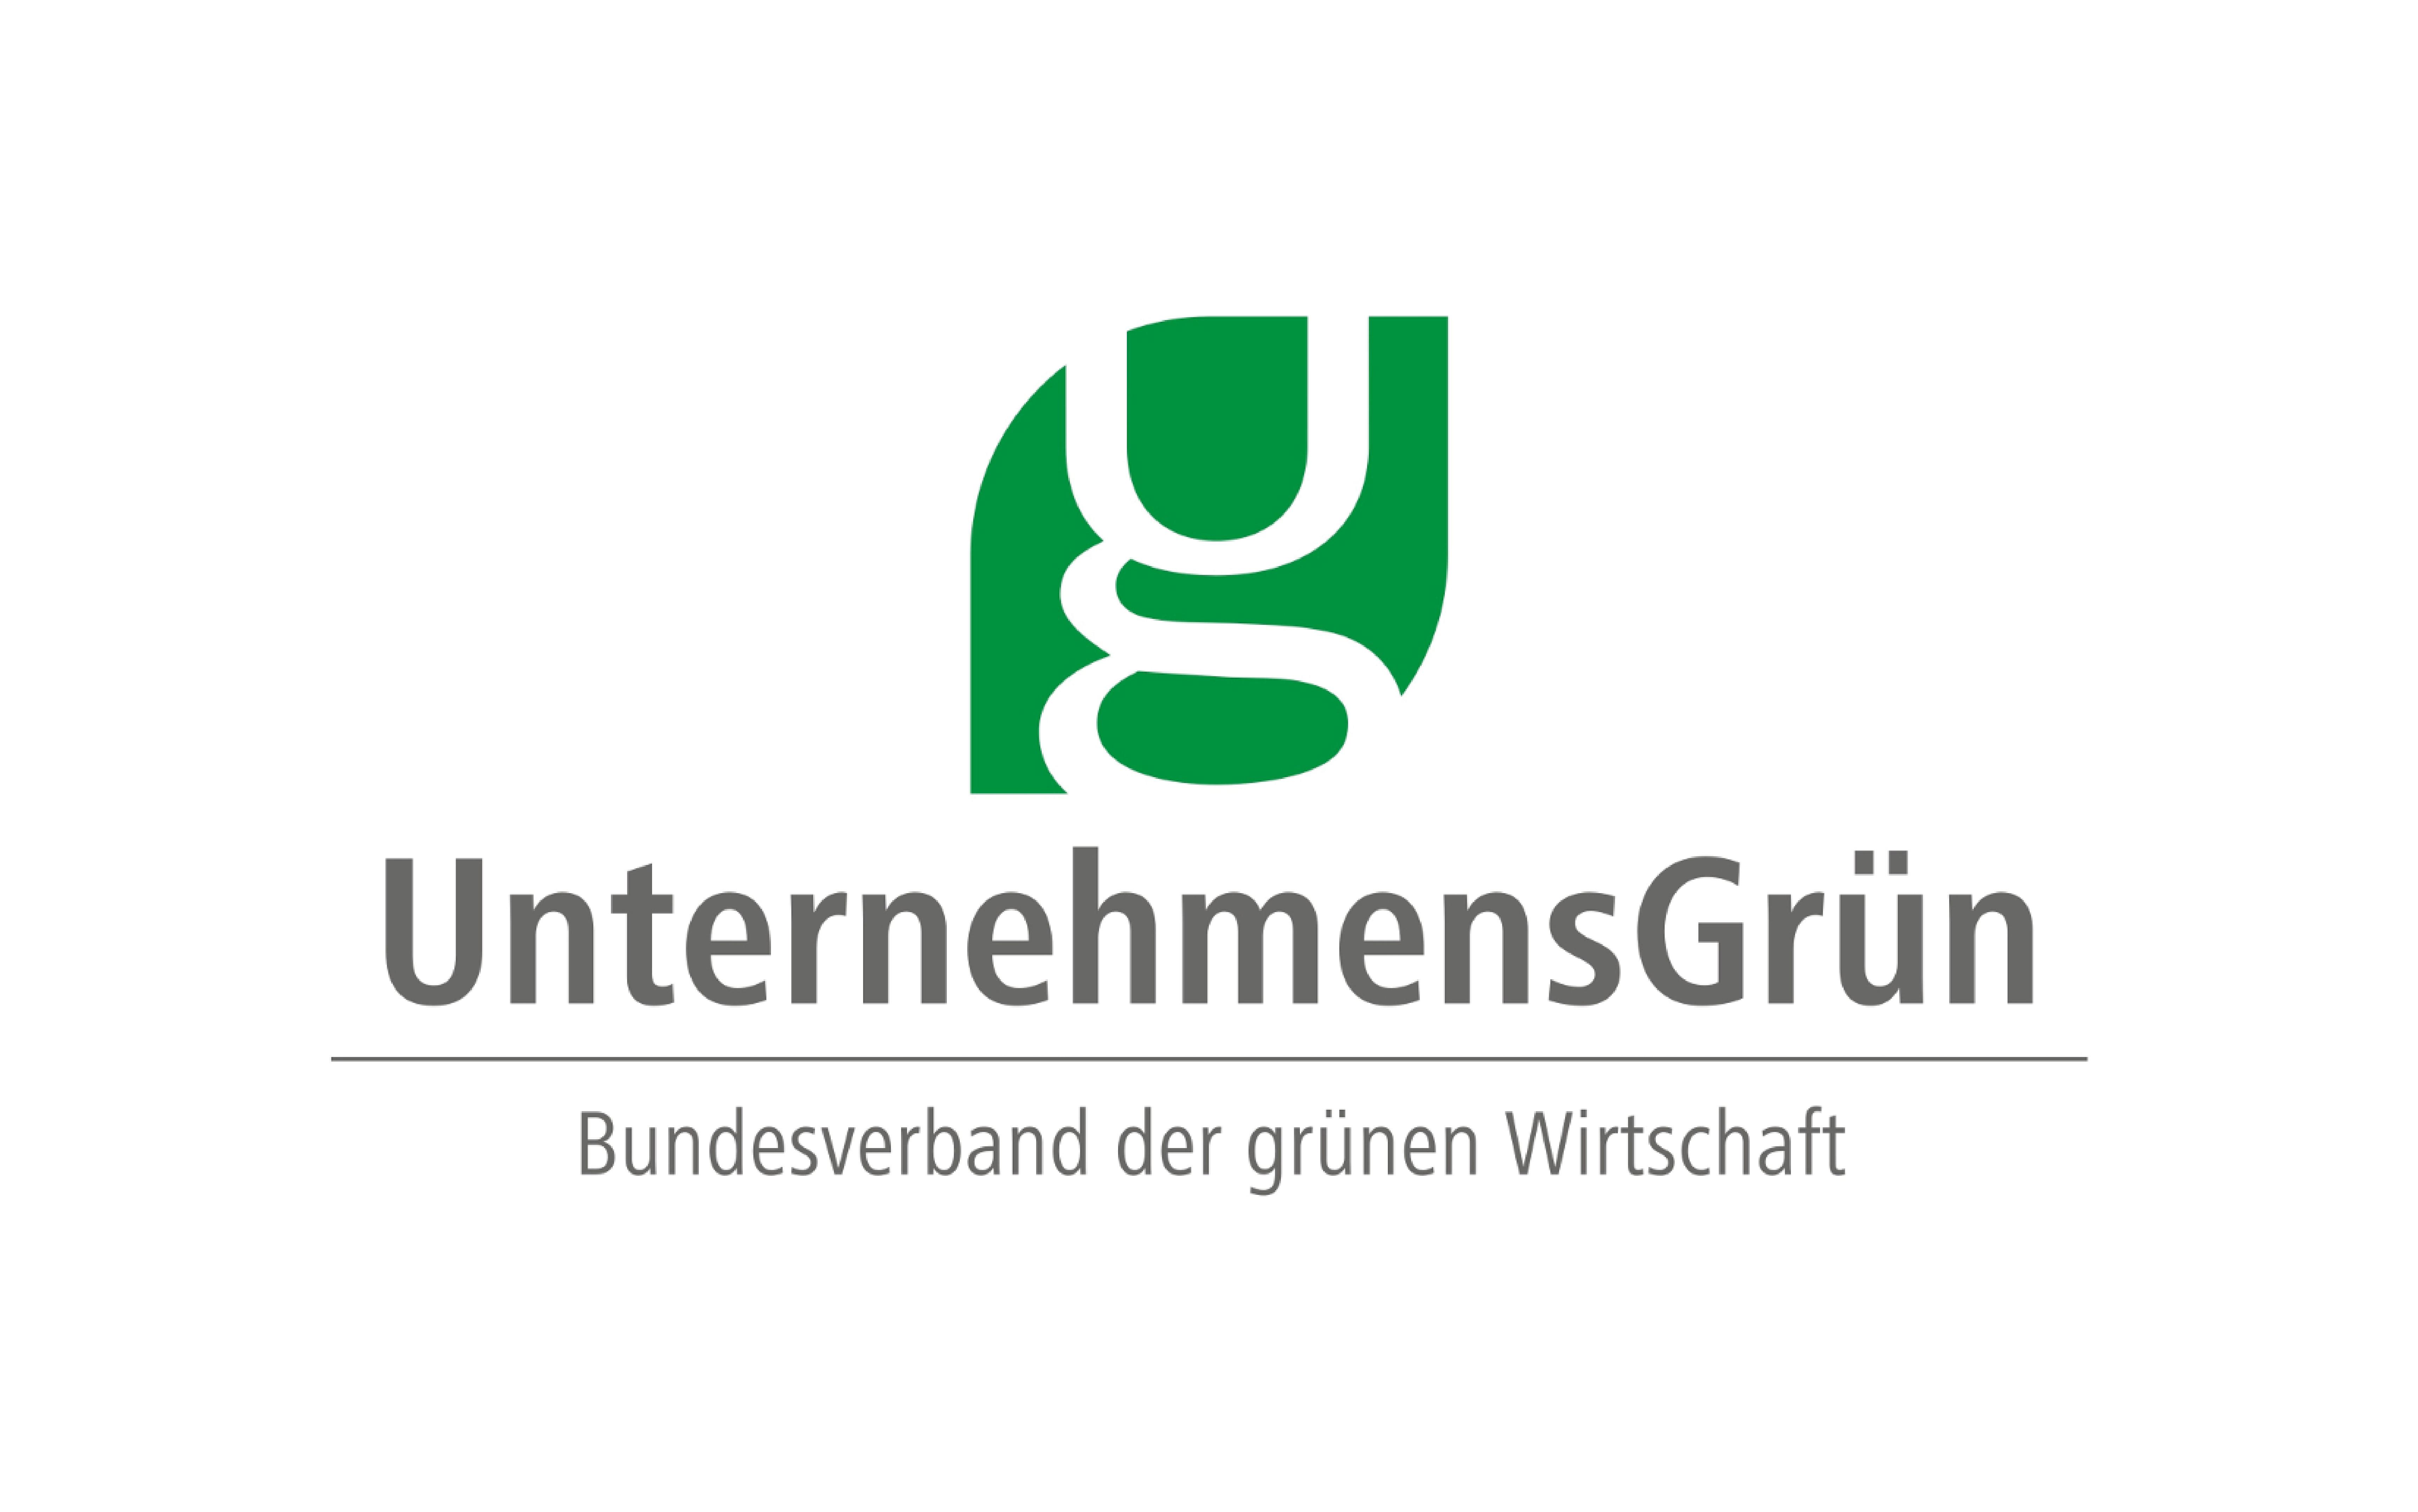 UnternehmensGrün – wir sind dabei!